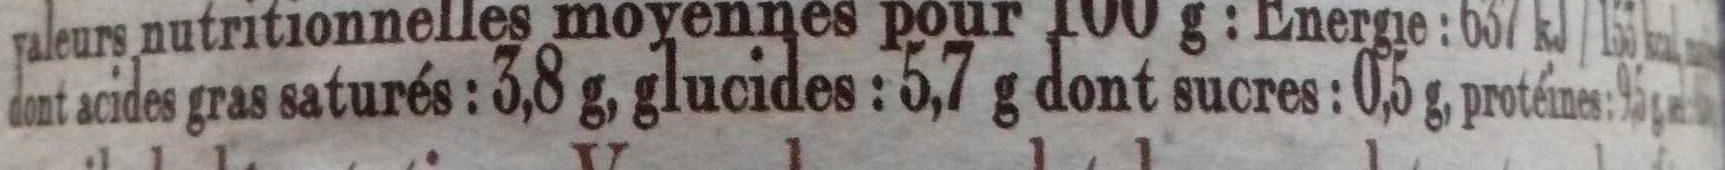 Le cassoulet au confit de canard de Castelnaudary cuisiné dans son bouillon de légumes frais, boîte 2/1 - Voedingswaarden